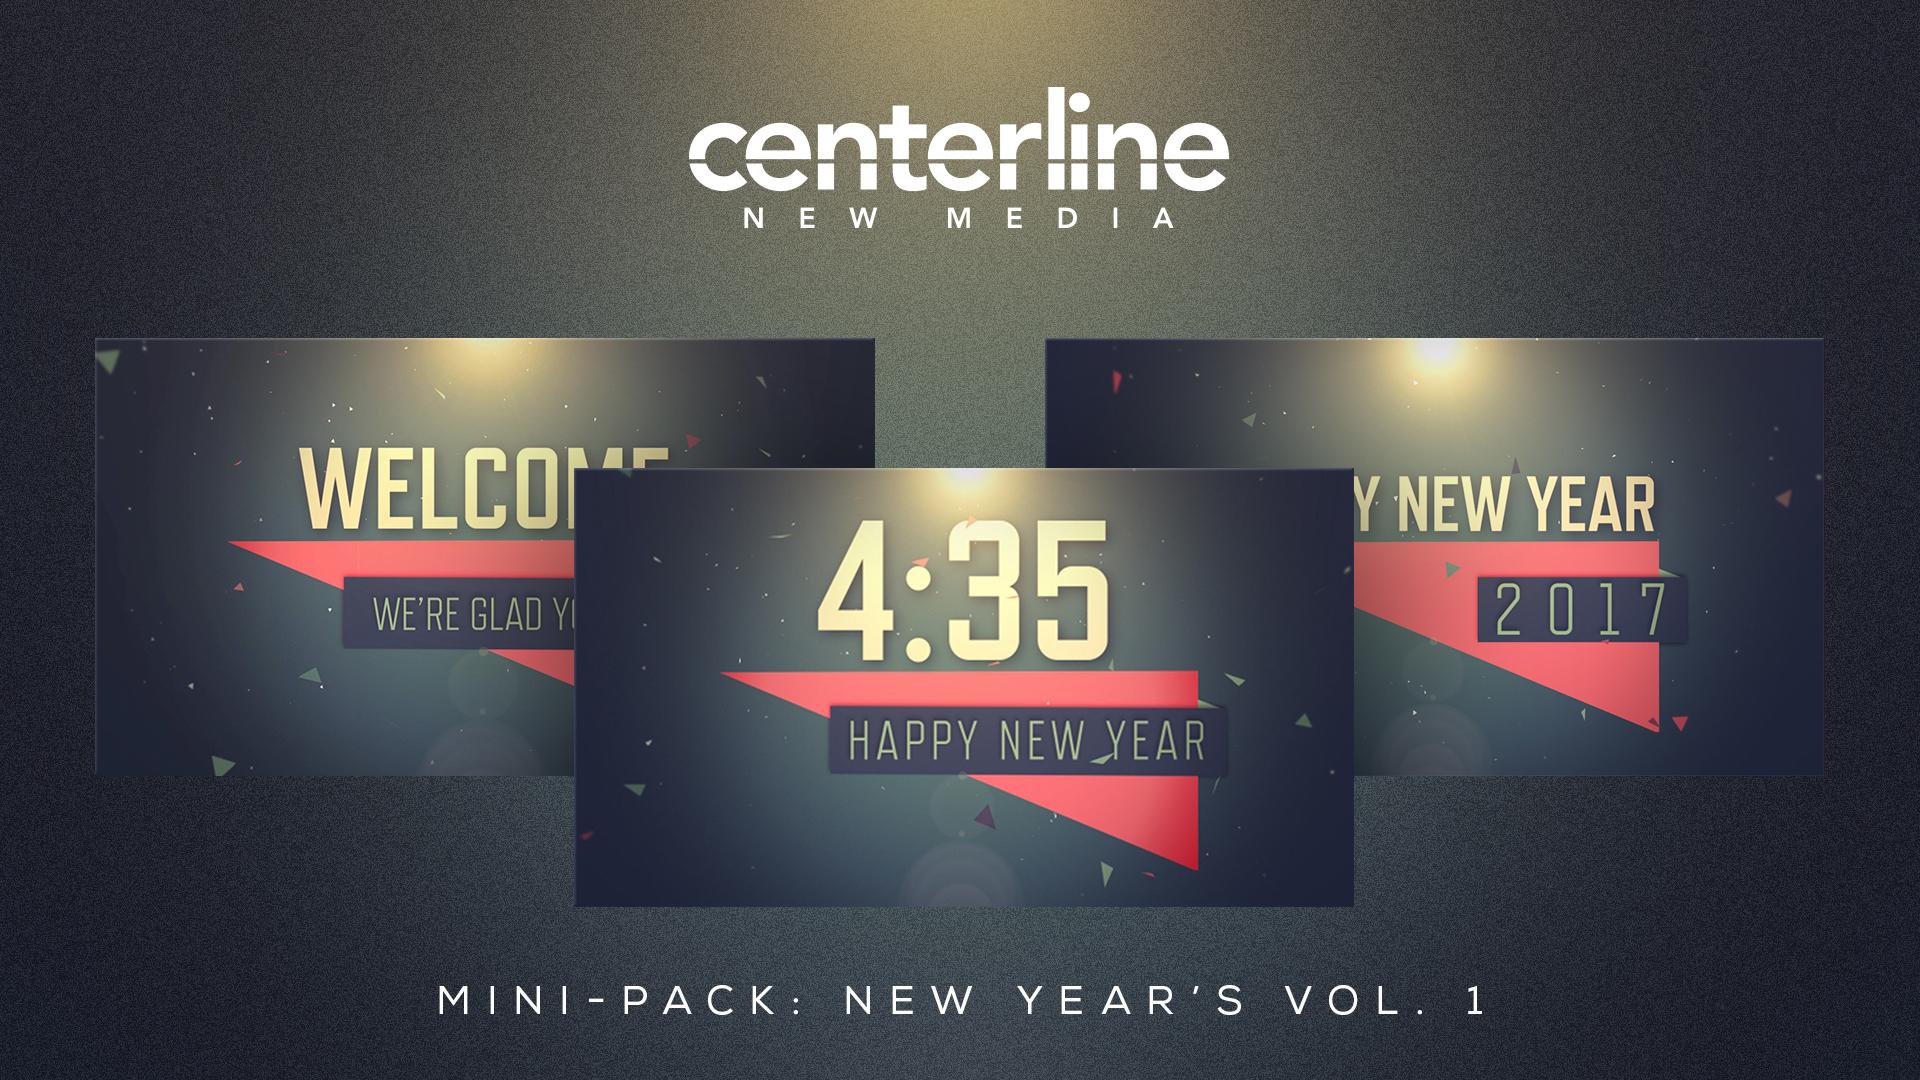 MINI-PACK: NEW YEAR'S VOL. 1